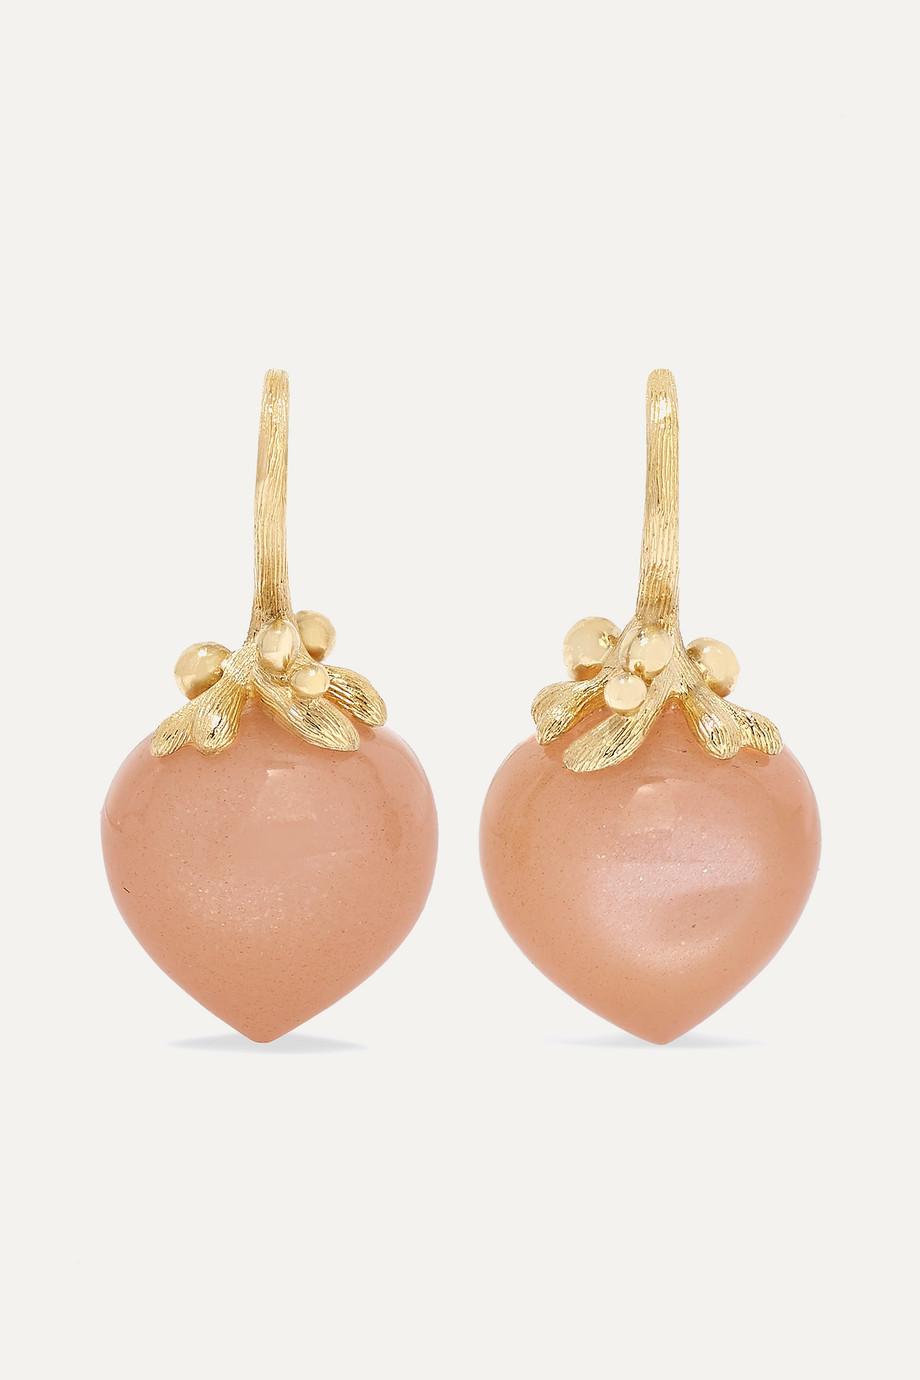 OLE LYNGGAARD COPENHAGEN Dew Drops 18-karat gold moonstone earrings